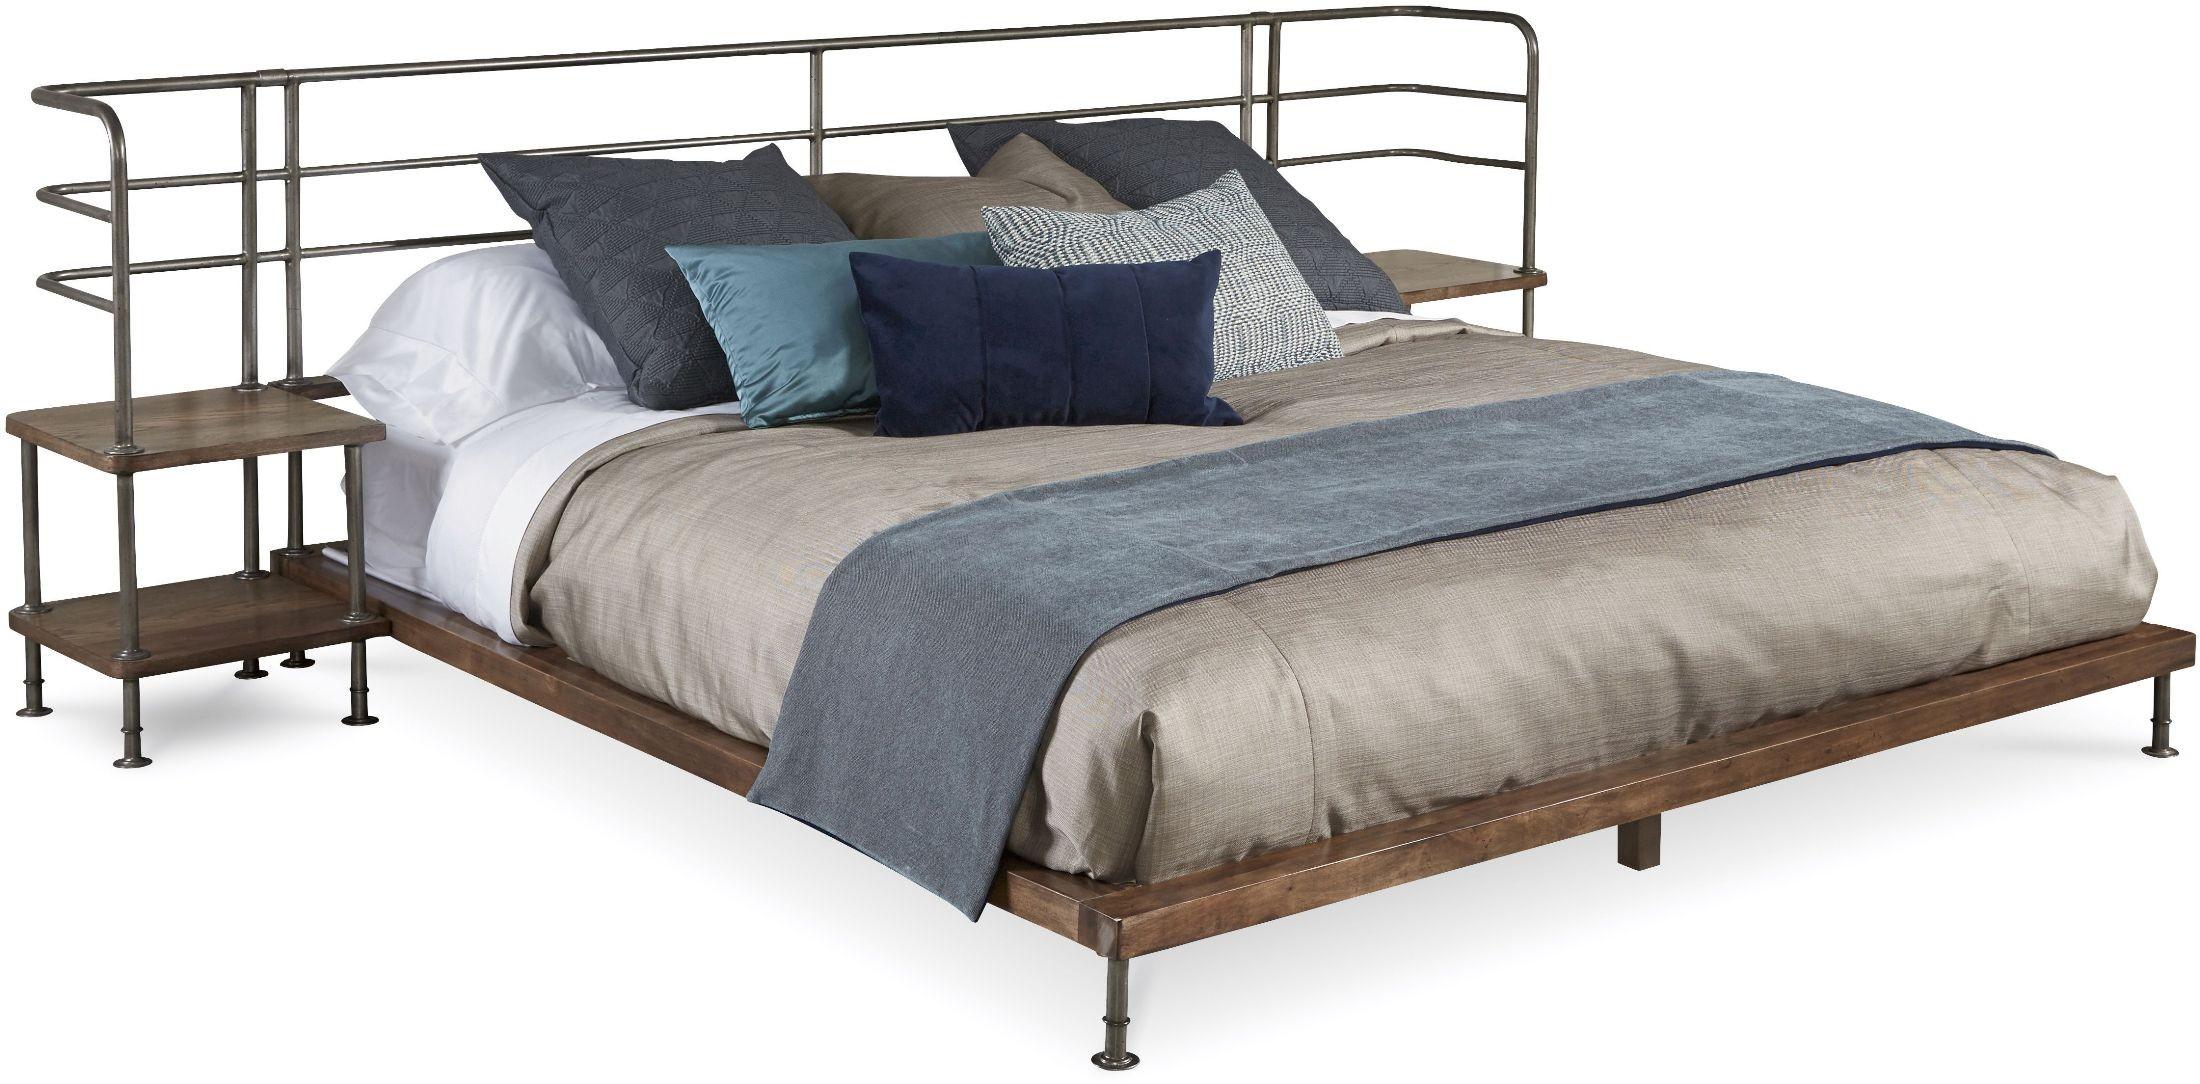 Epicenters light oak king platform bed with 2 nightstands for Lighted platform bed